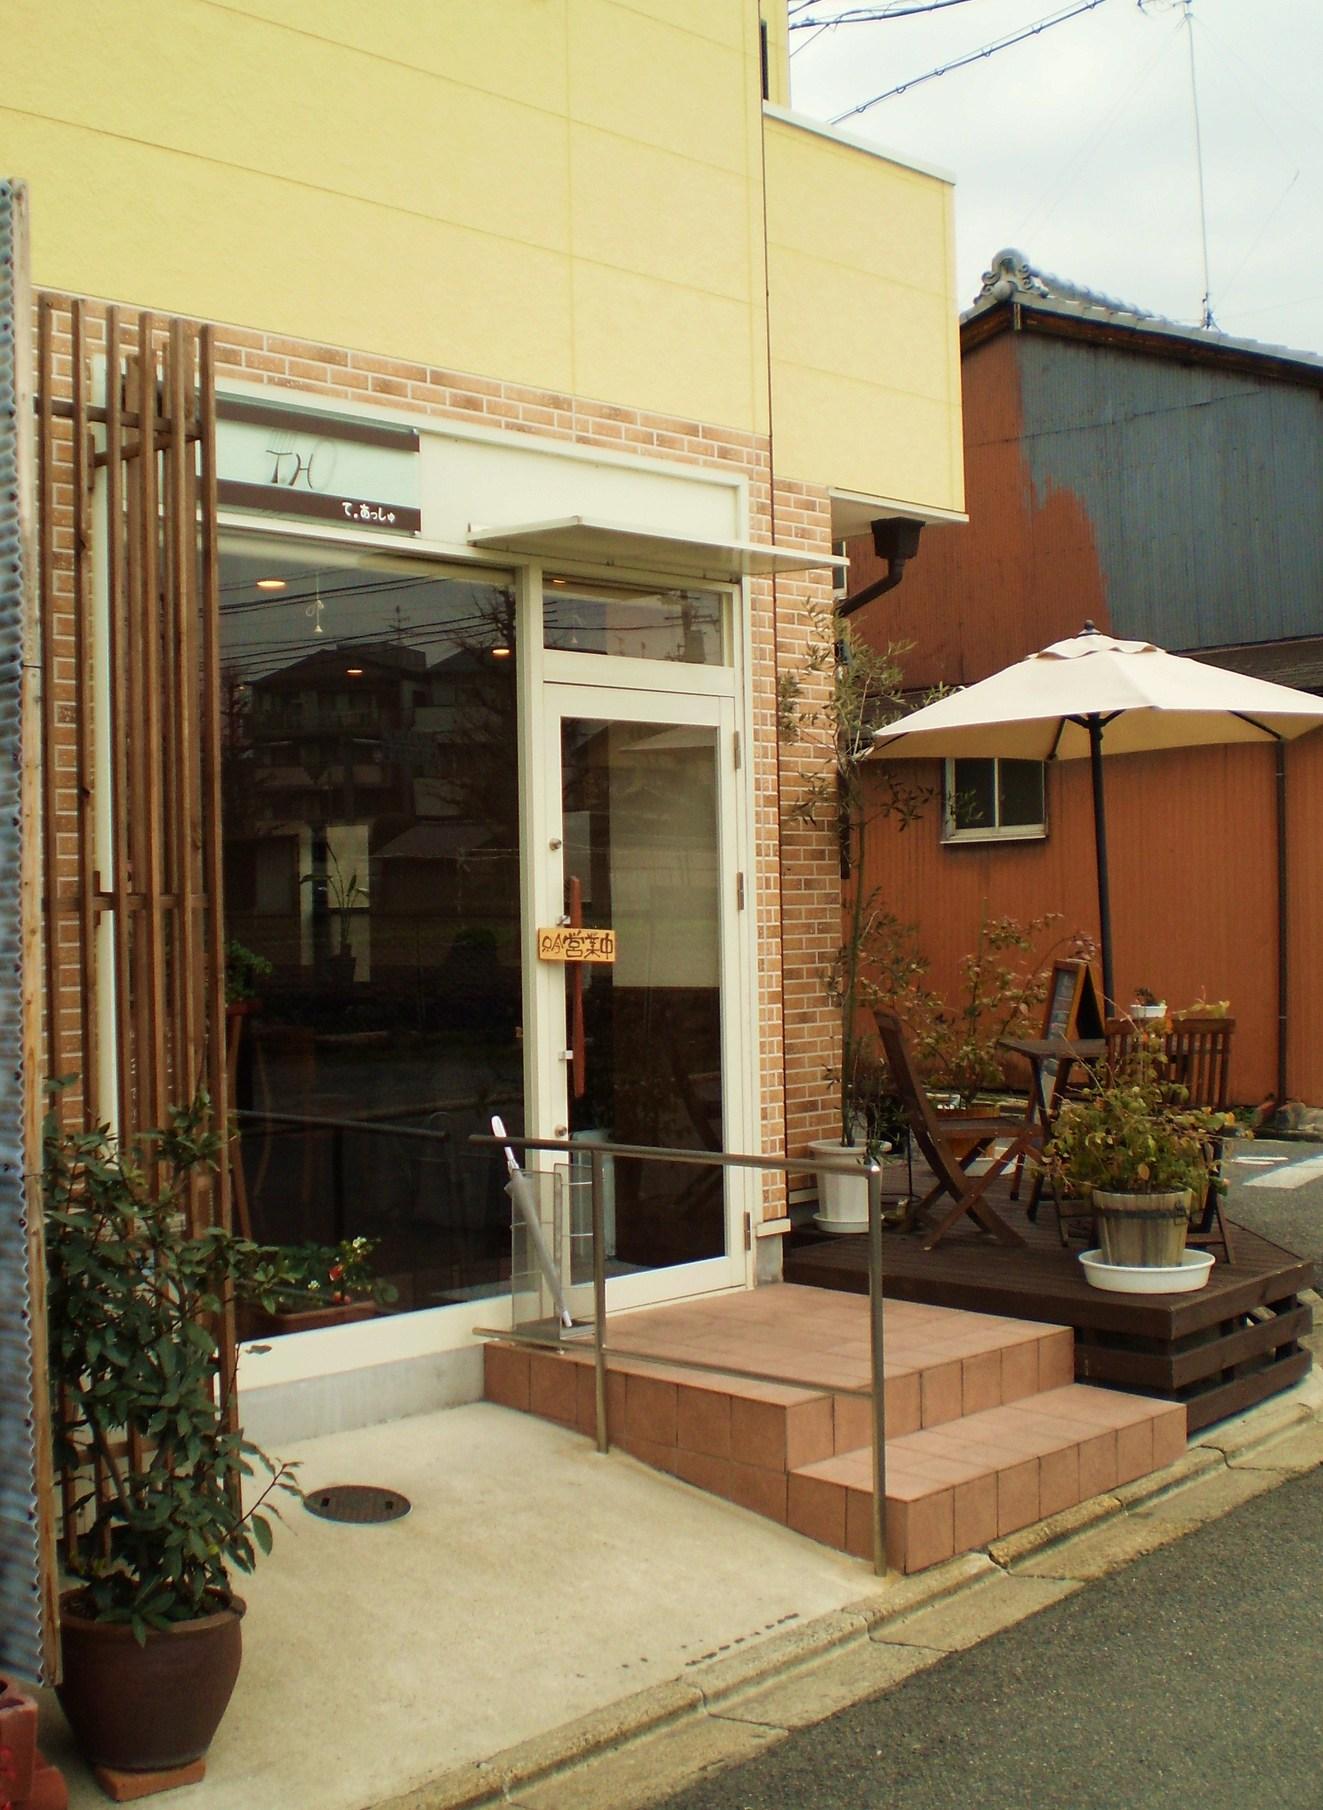 Petit restaurant T.H